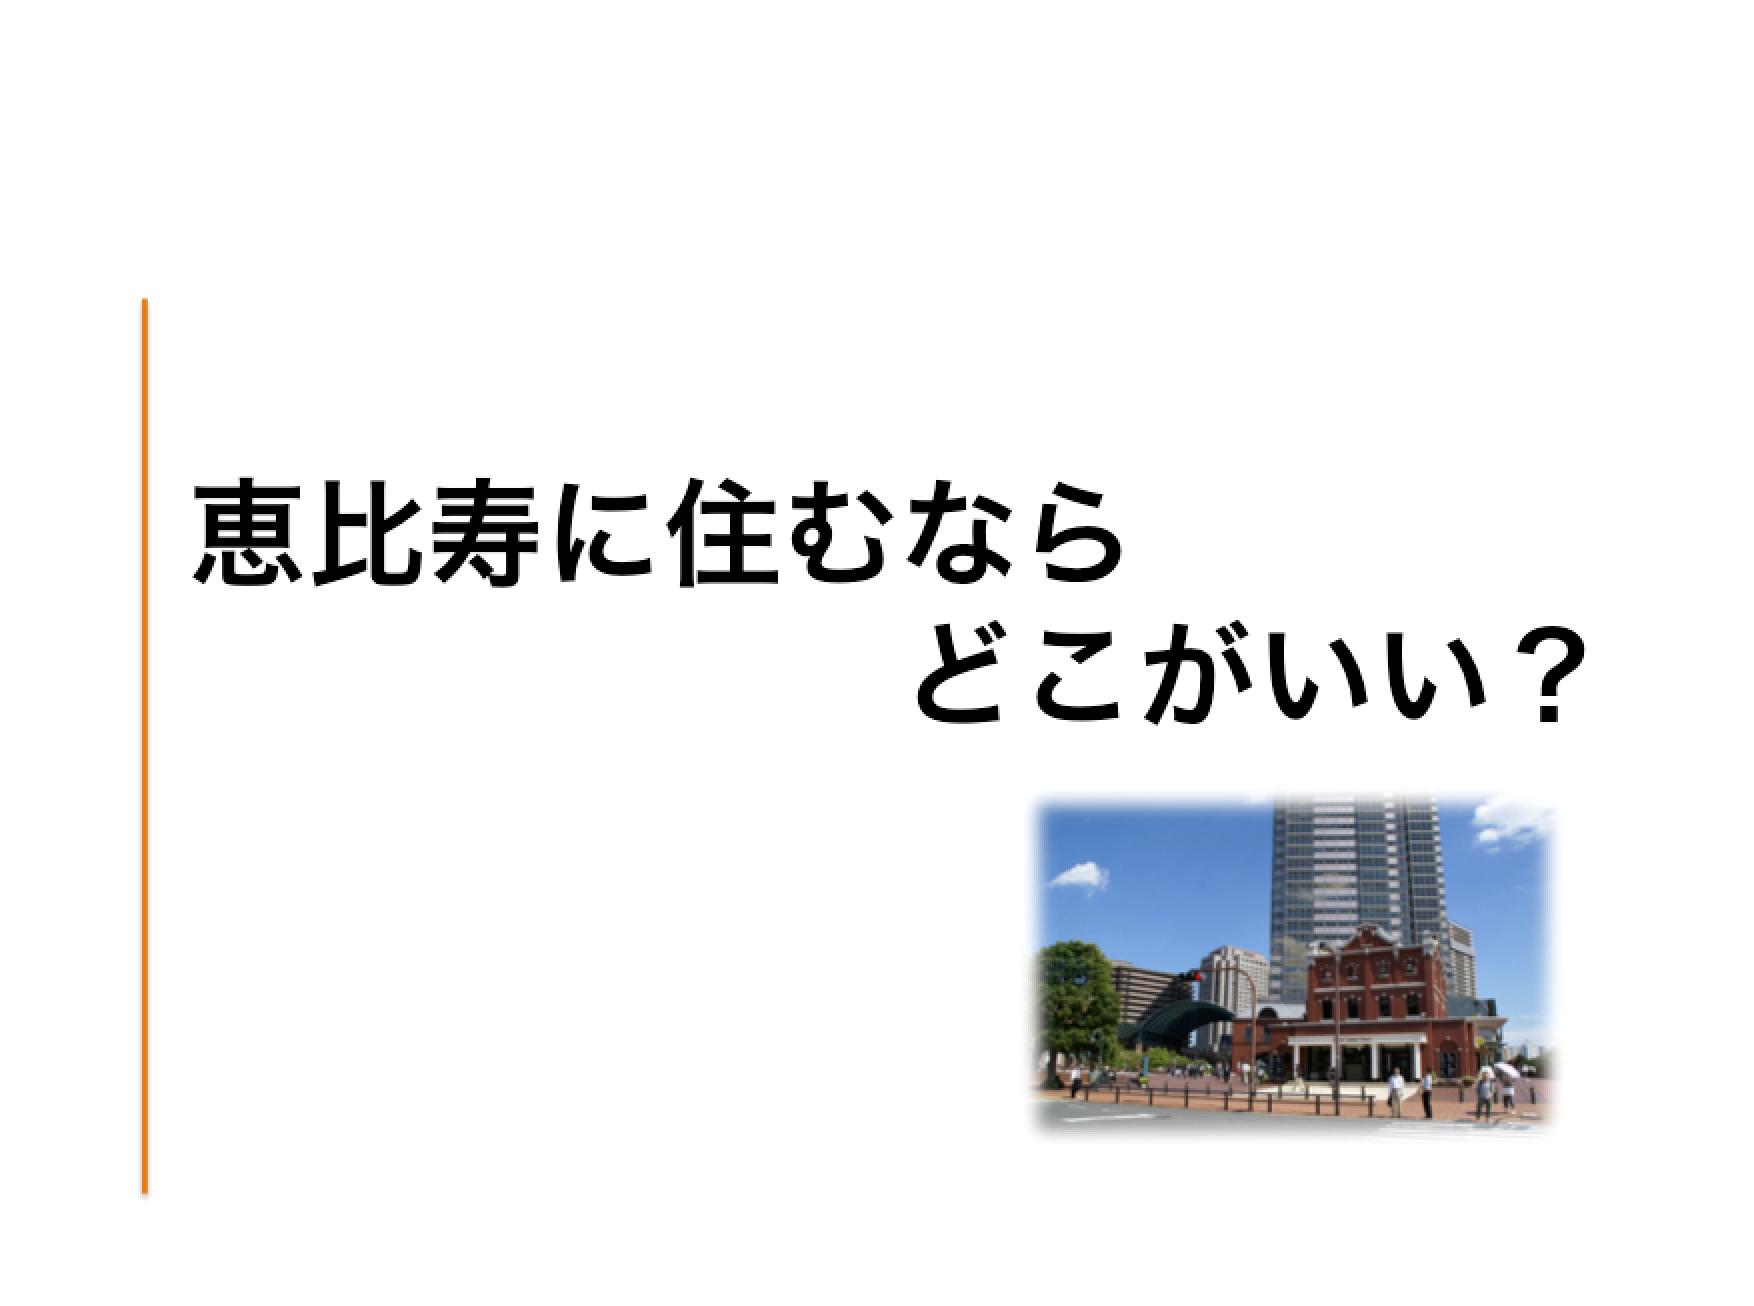 恵比寿で住むならどのあたりがいい?